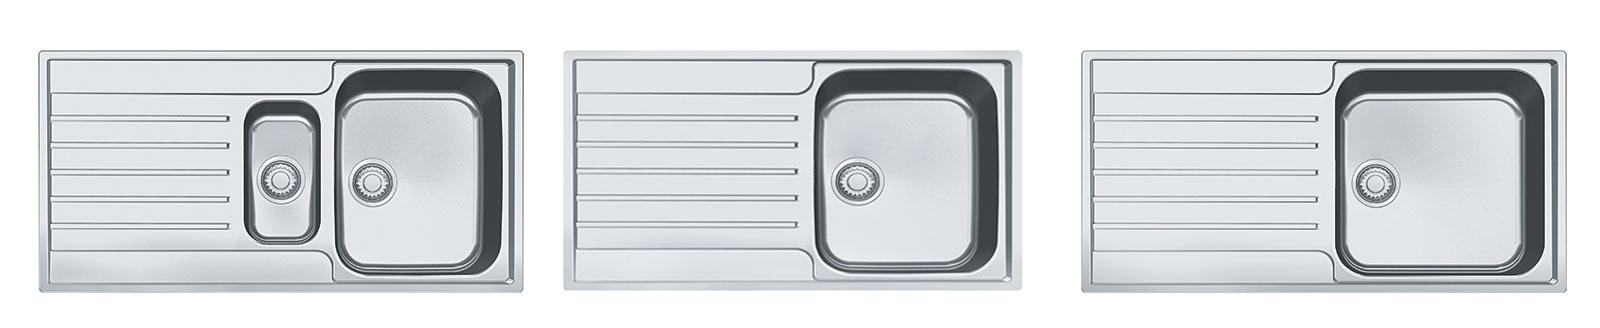 new argos stainless steel kitchen sink